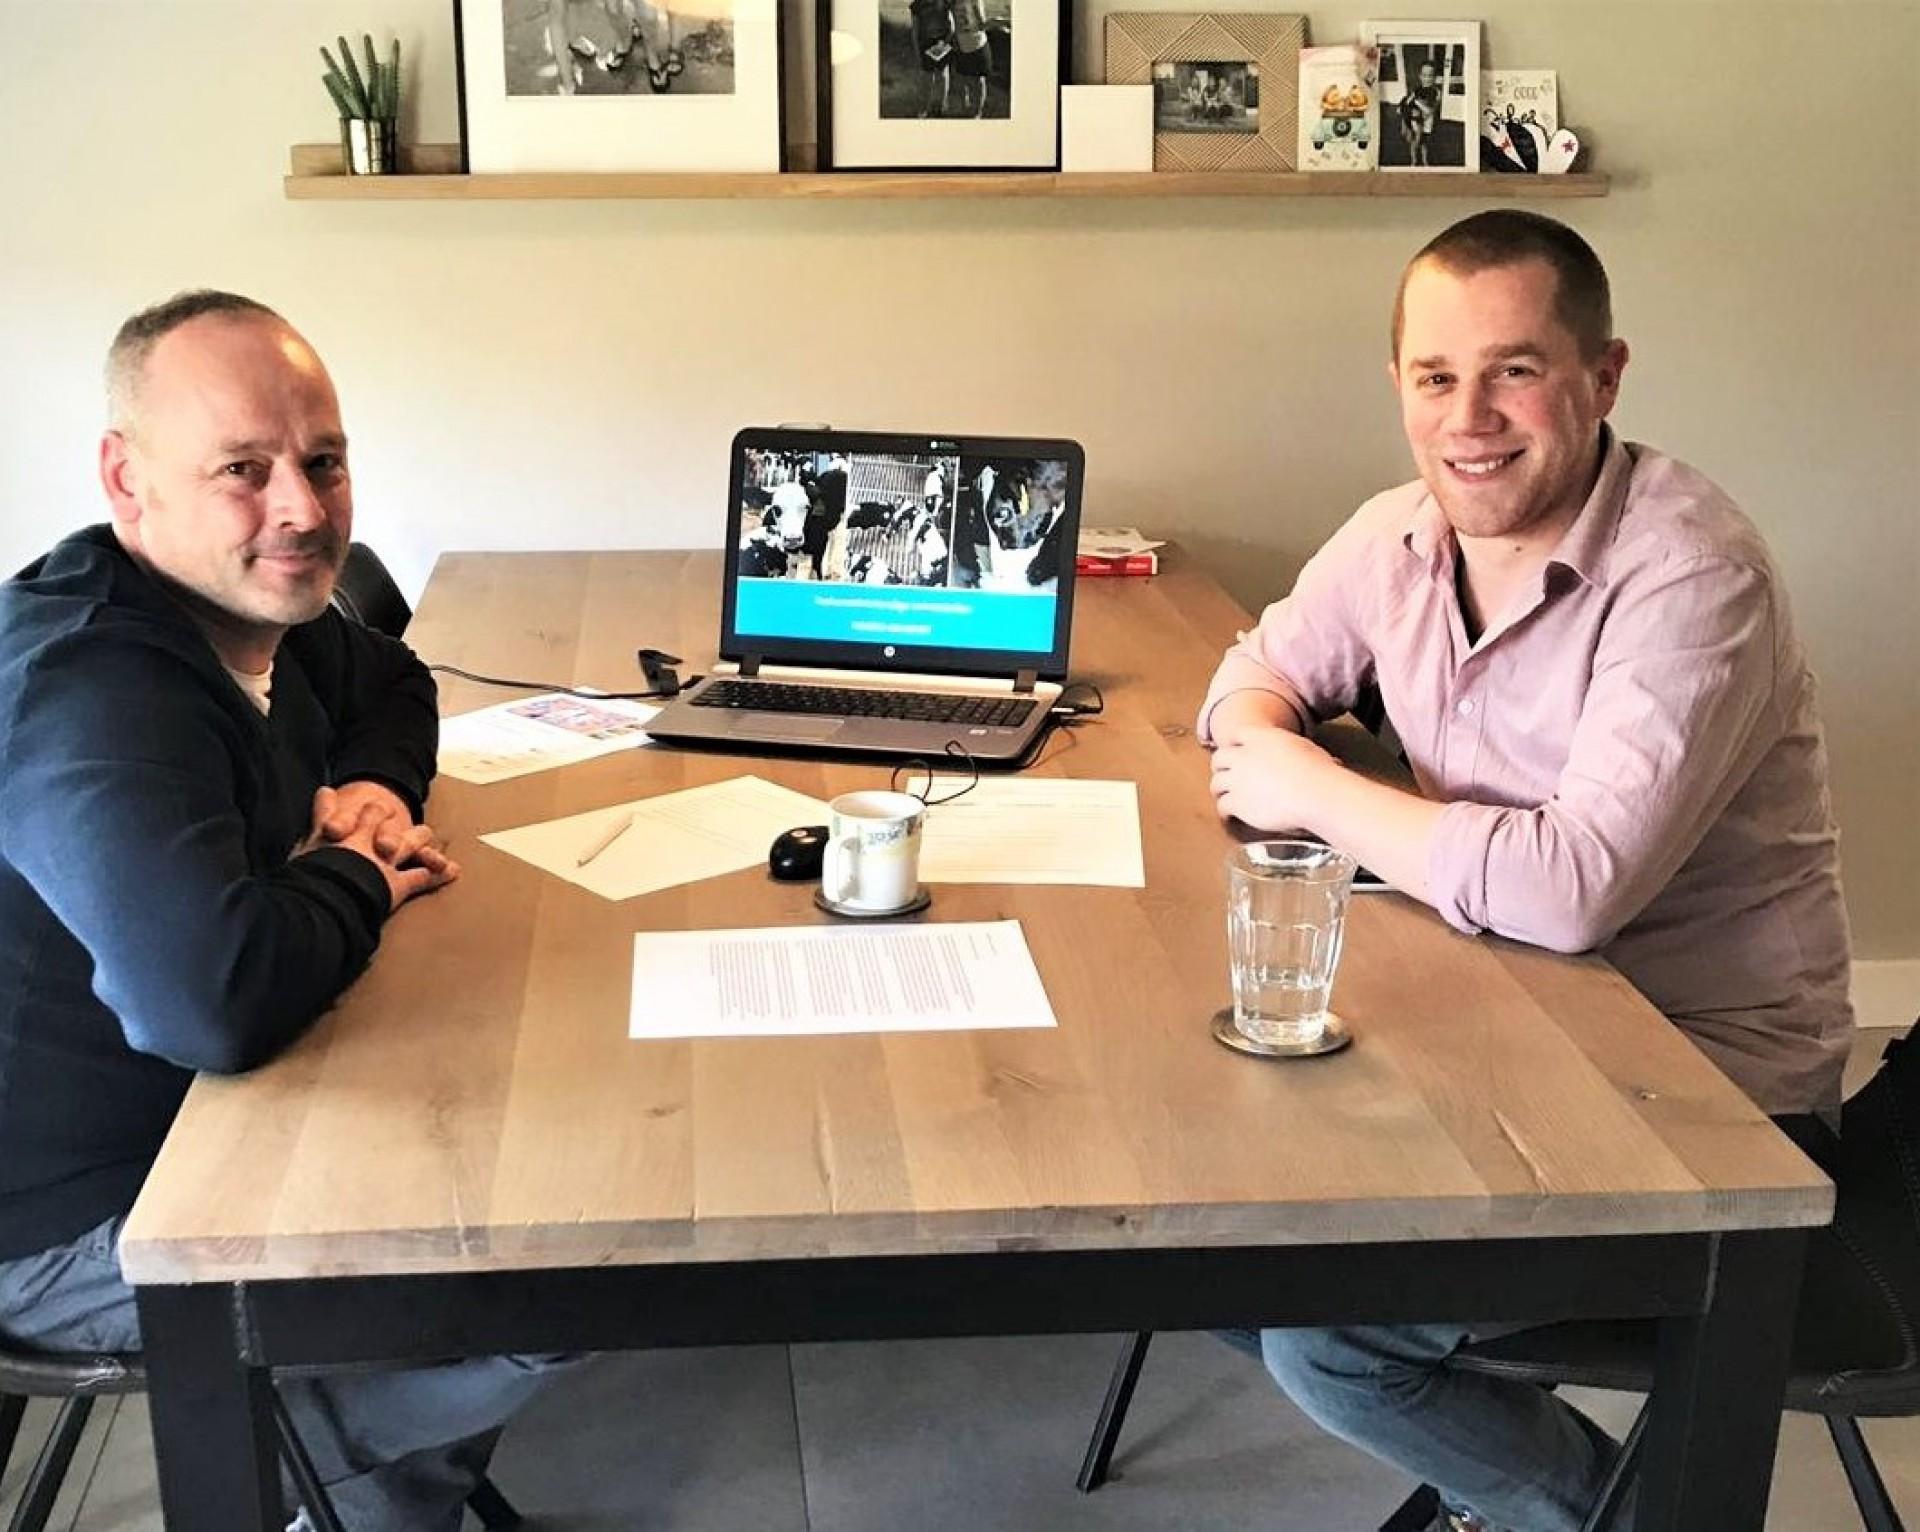 'Brabantse koplopers verdienen steun'